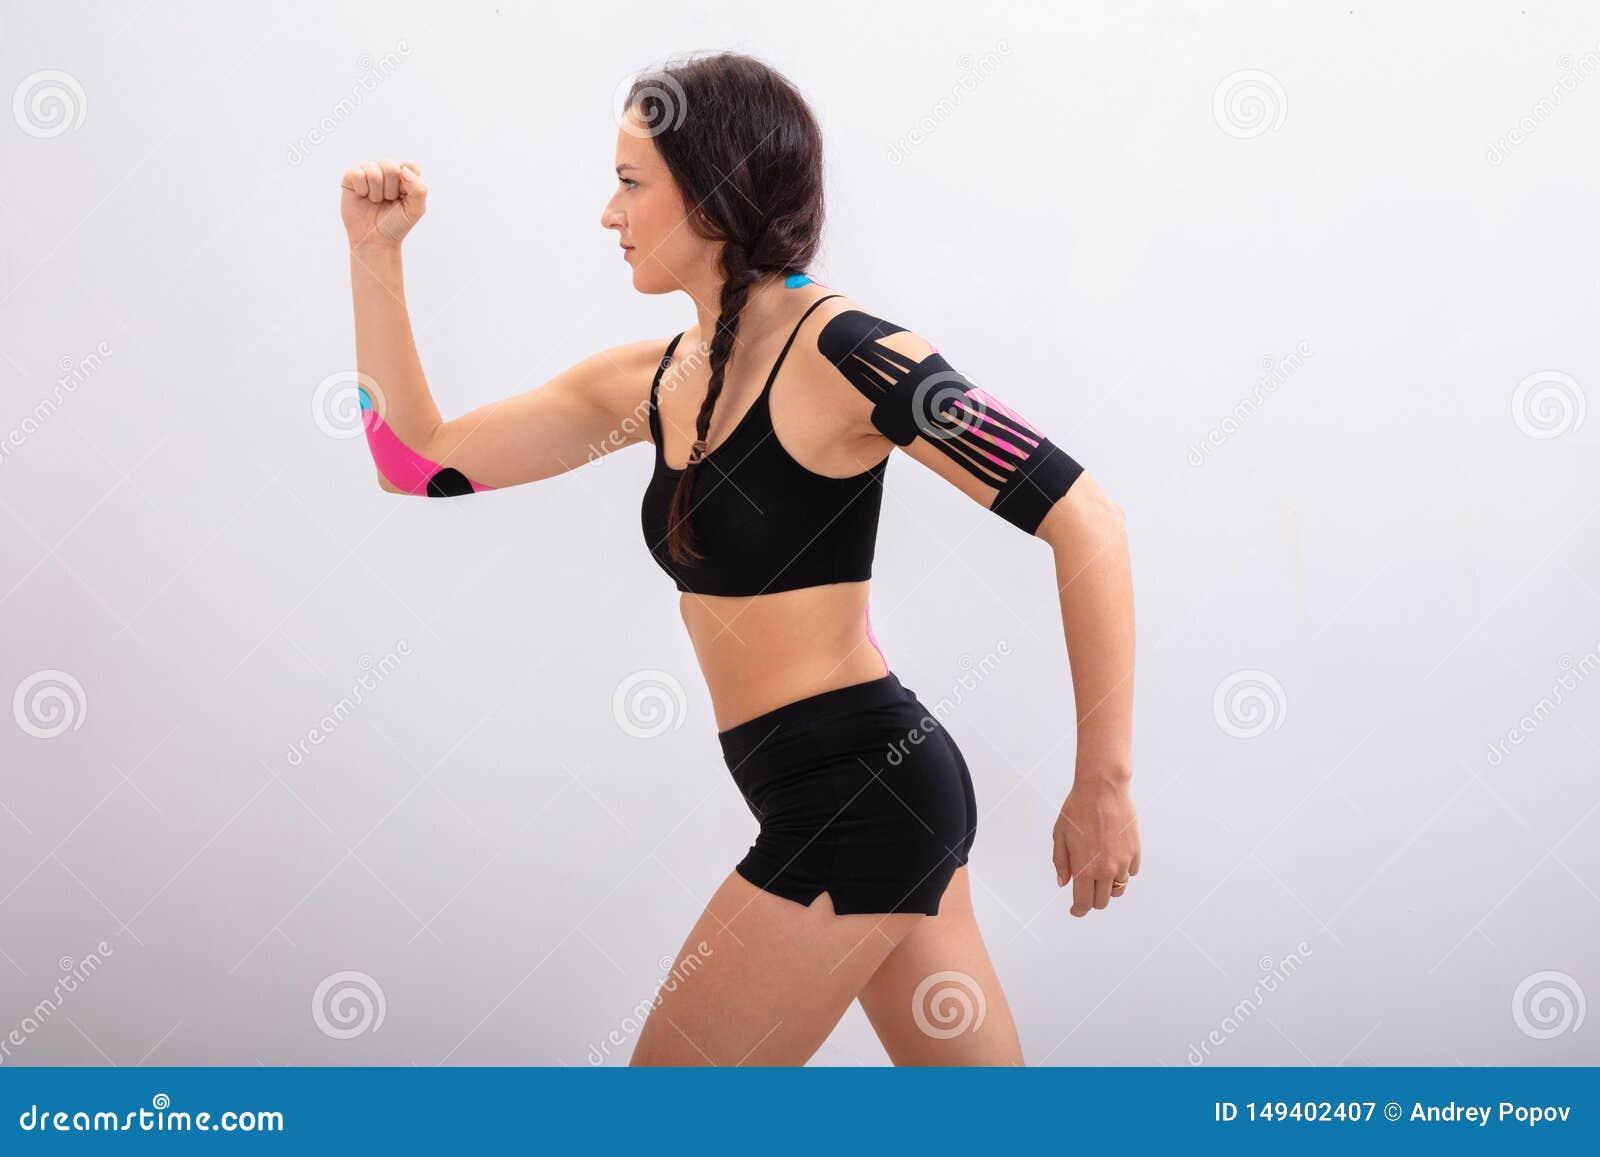 Femme courant avec la physio- bande sur son corps